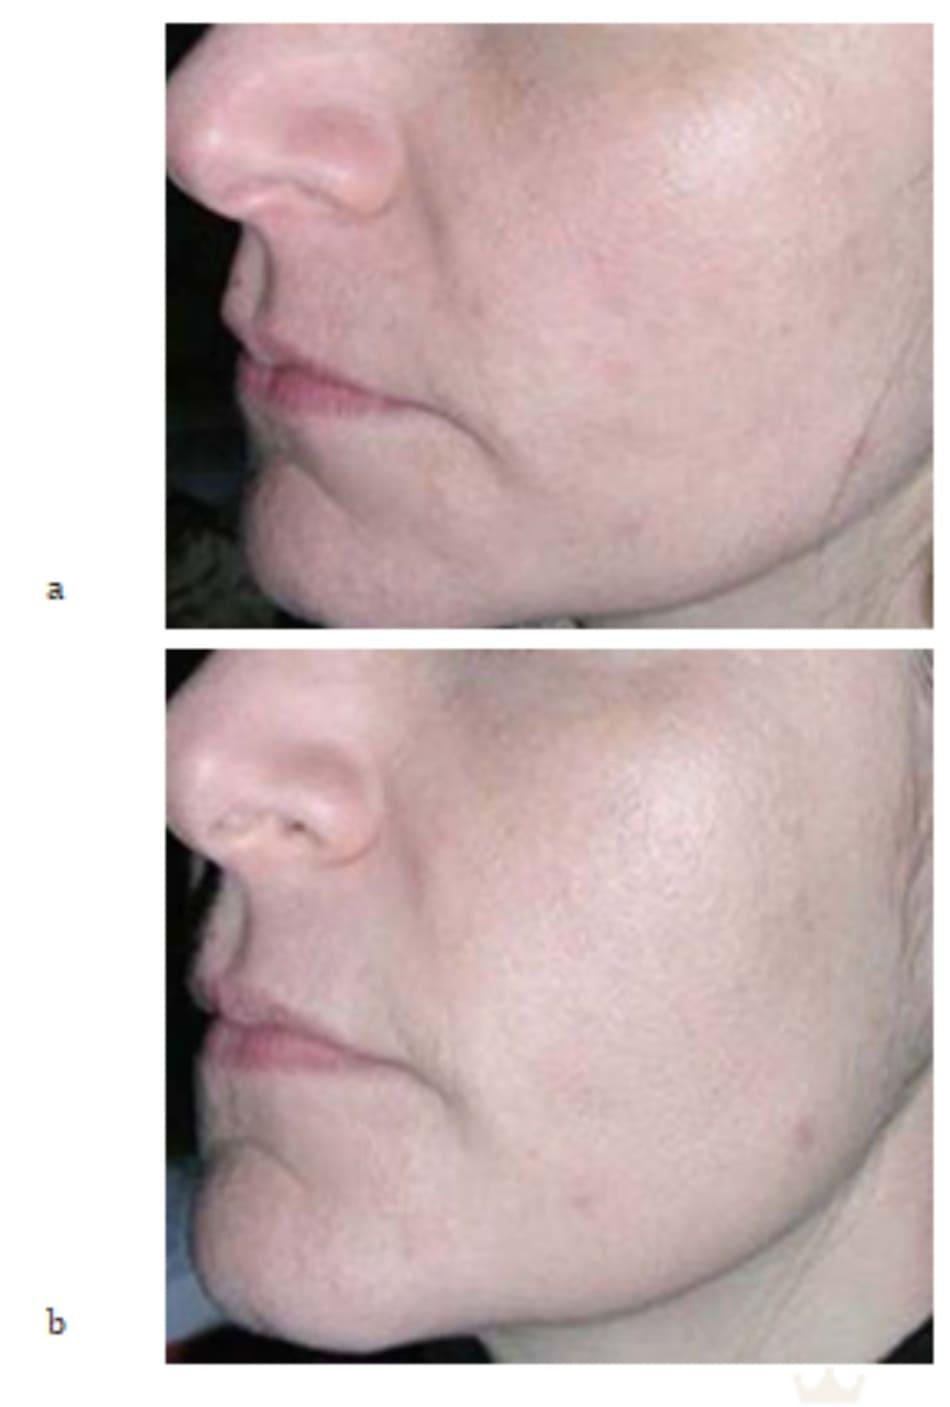 Hình 7.8 (a, b) ảnh chụp phía bên của cùng bệnh nhân trong hình 7.7